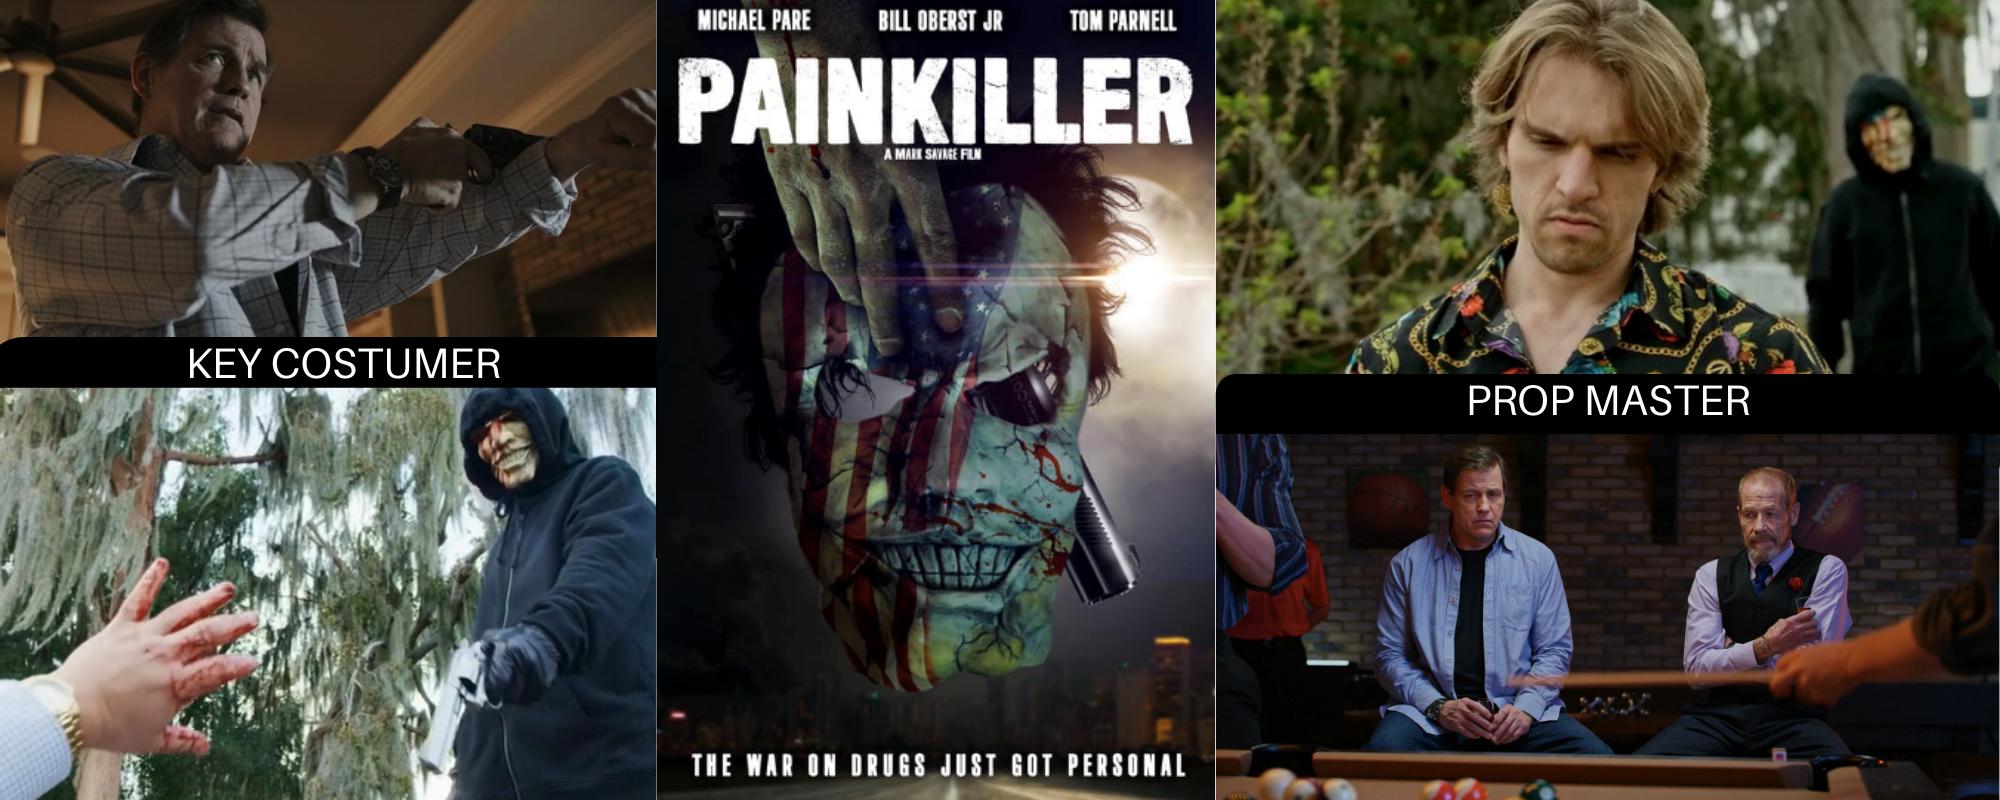 PAINKILLER BANNER 2020